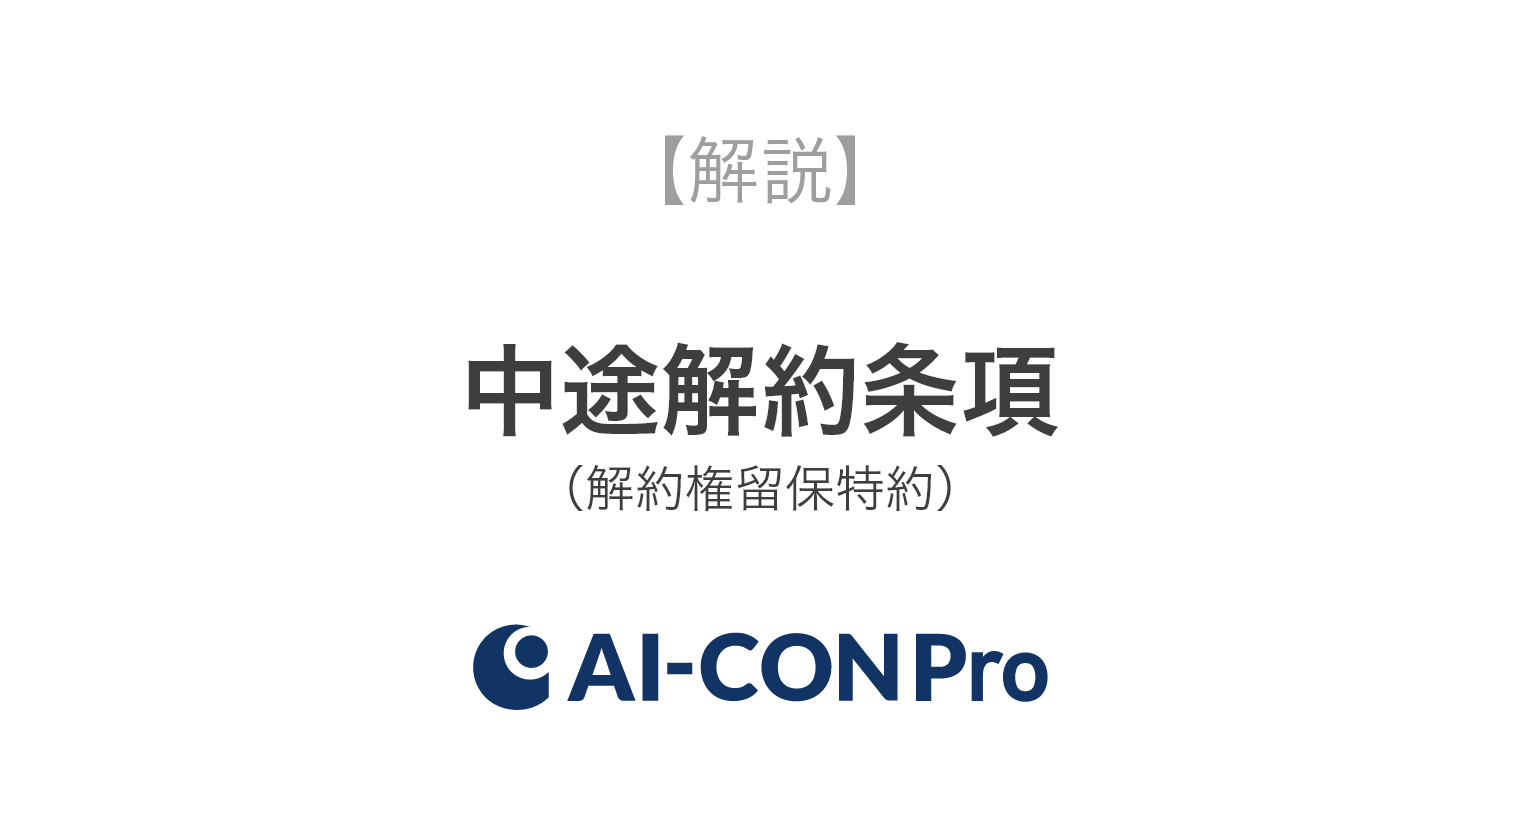 中途解約条項(解約権留保特約) - AI-CON Pro(アイコンプロ)